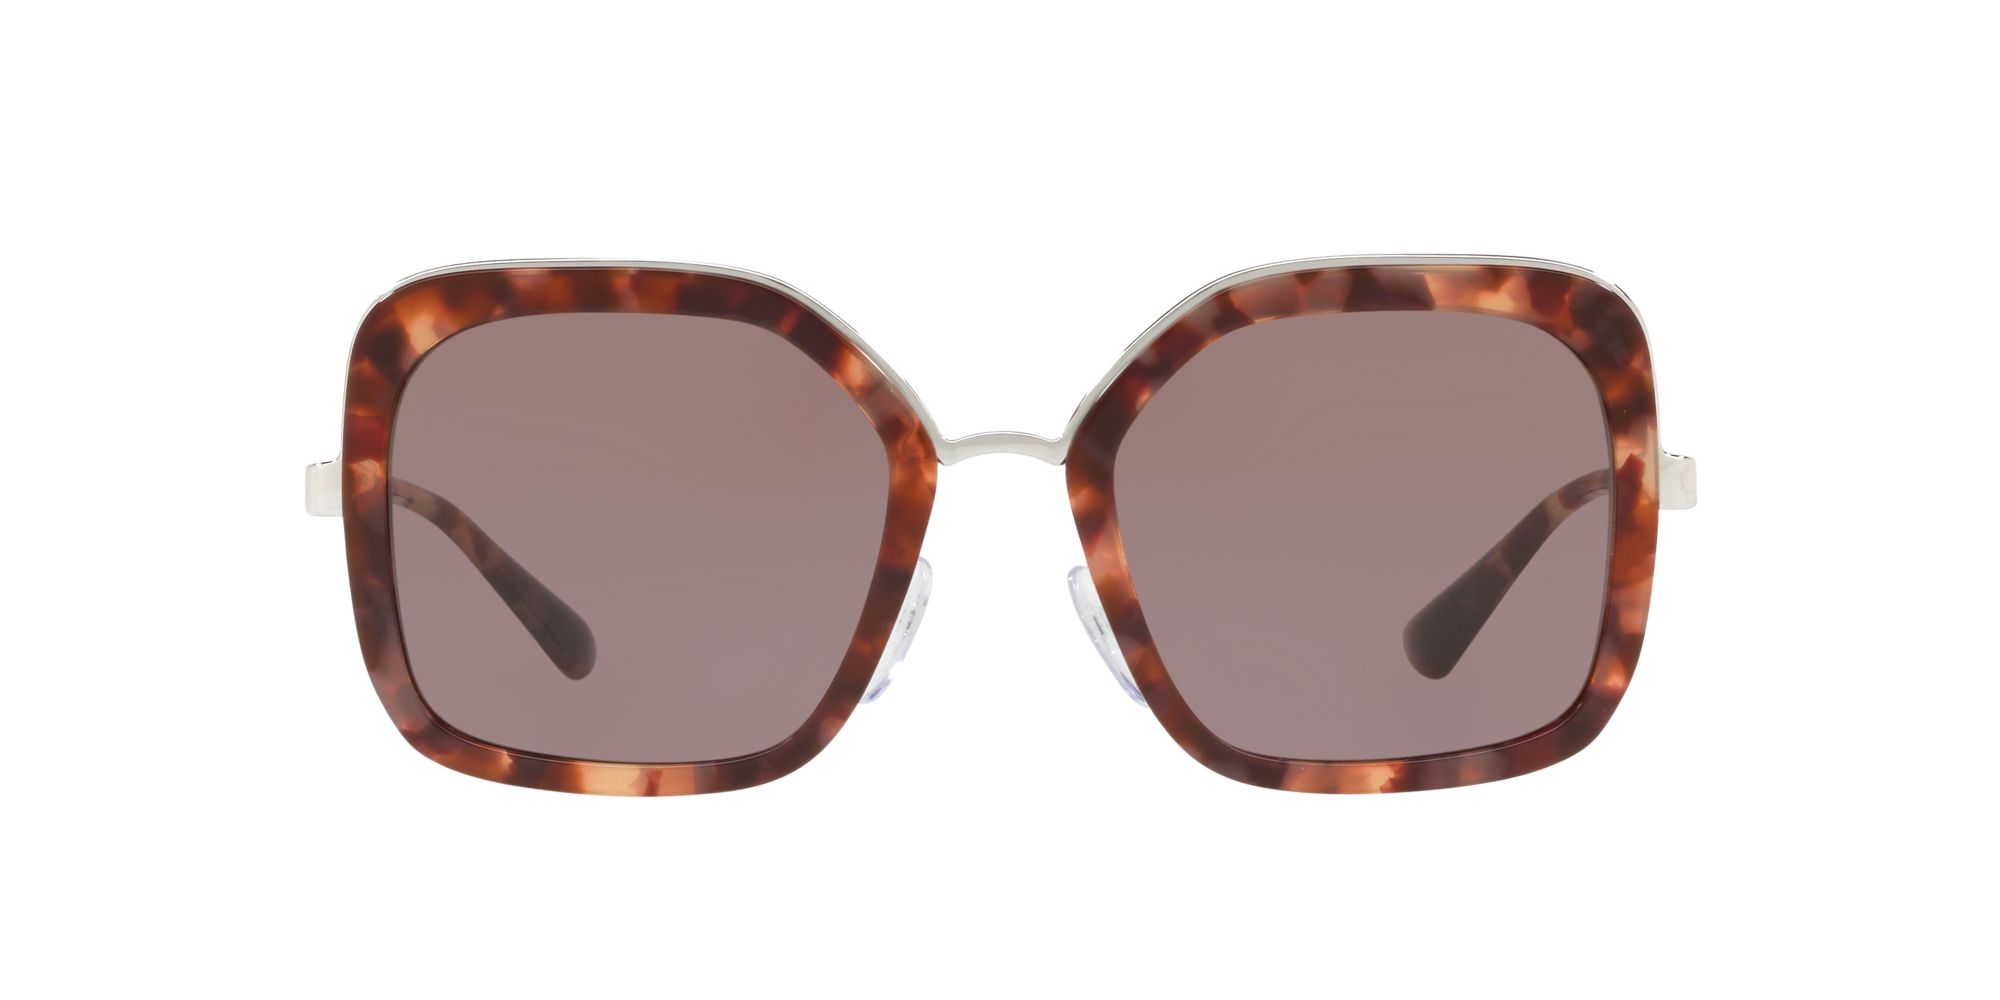 Imagen para PR 57US 54 de LensCrafters |  Espejuelos, espejuelos graduados en línea, gafas